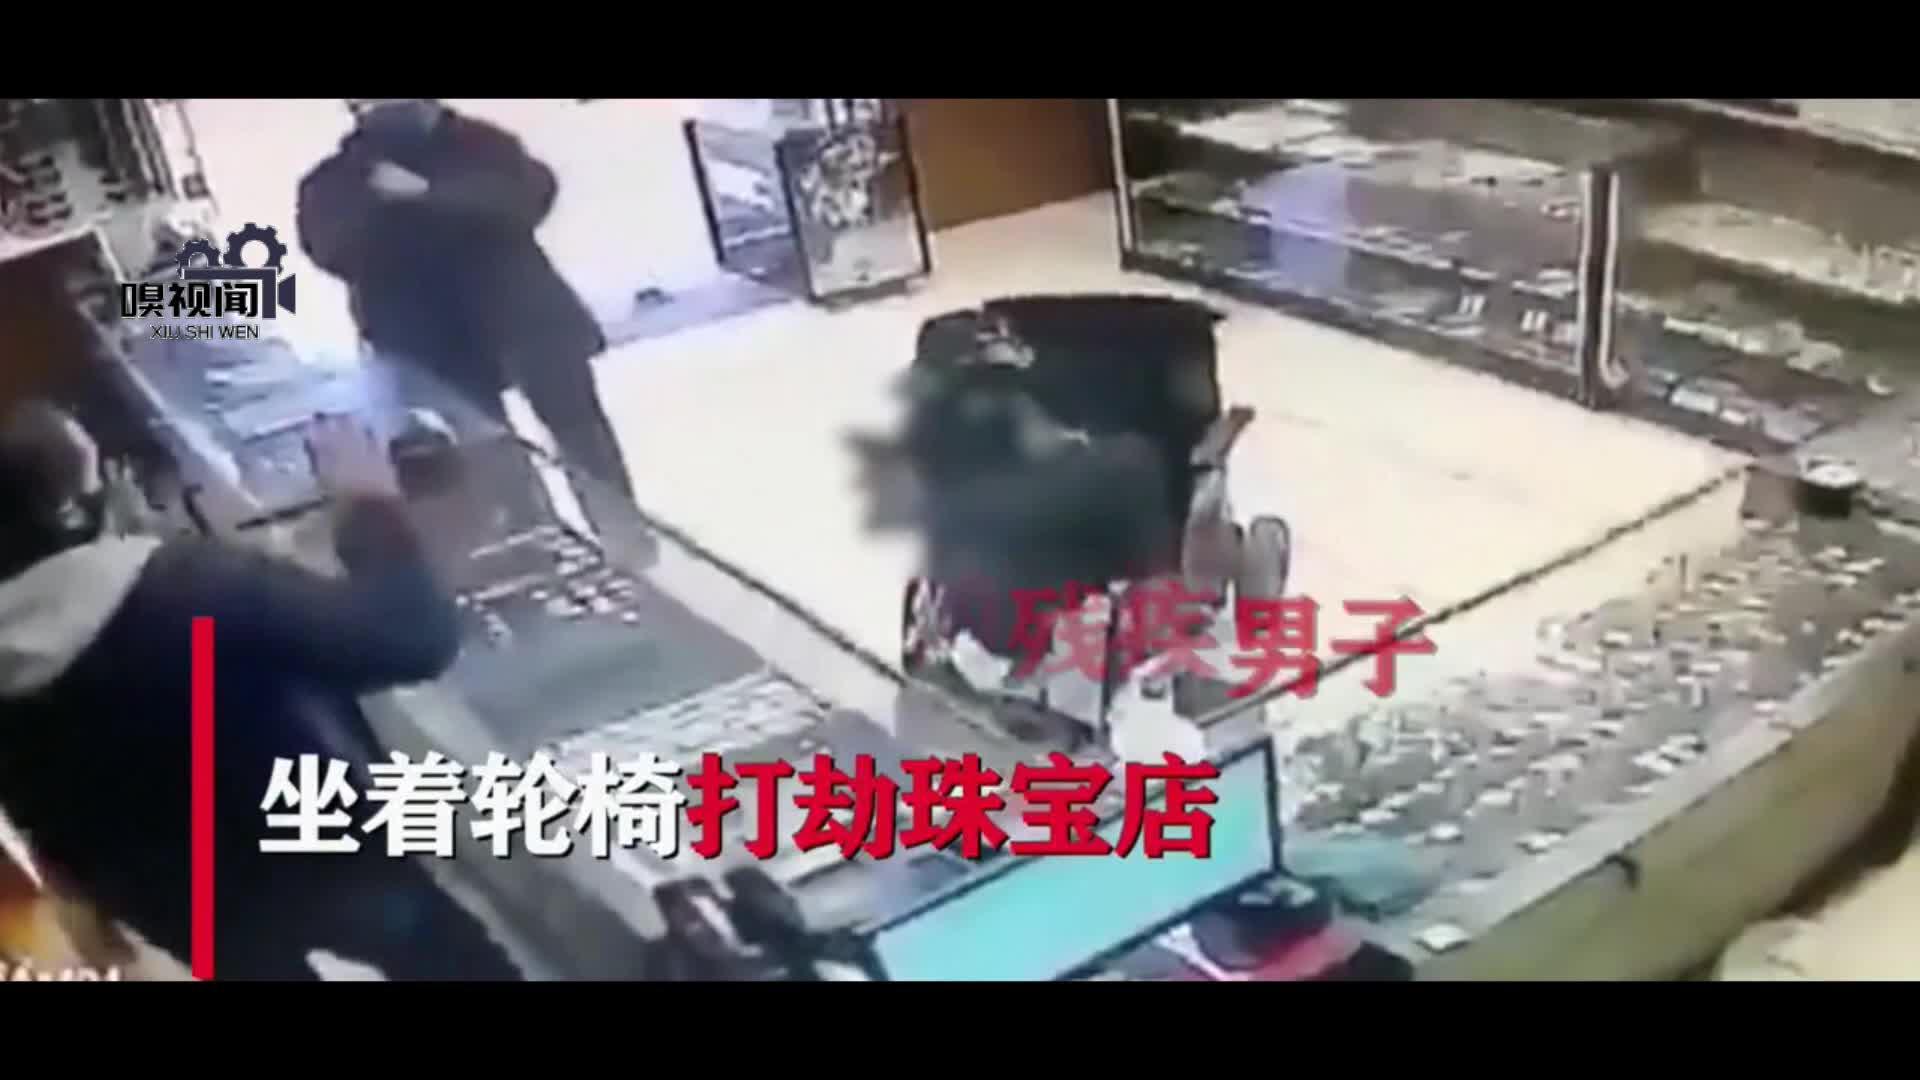 巴西哑巴歹徒,坐轮椅打劫珠宝店,没有双臂用脚趾持枪